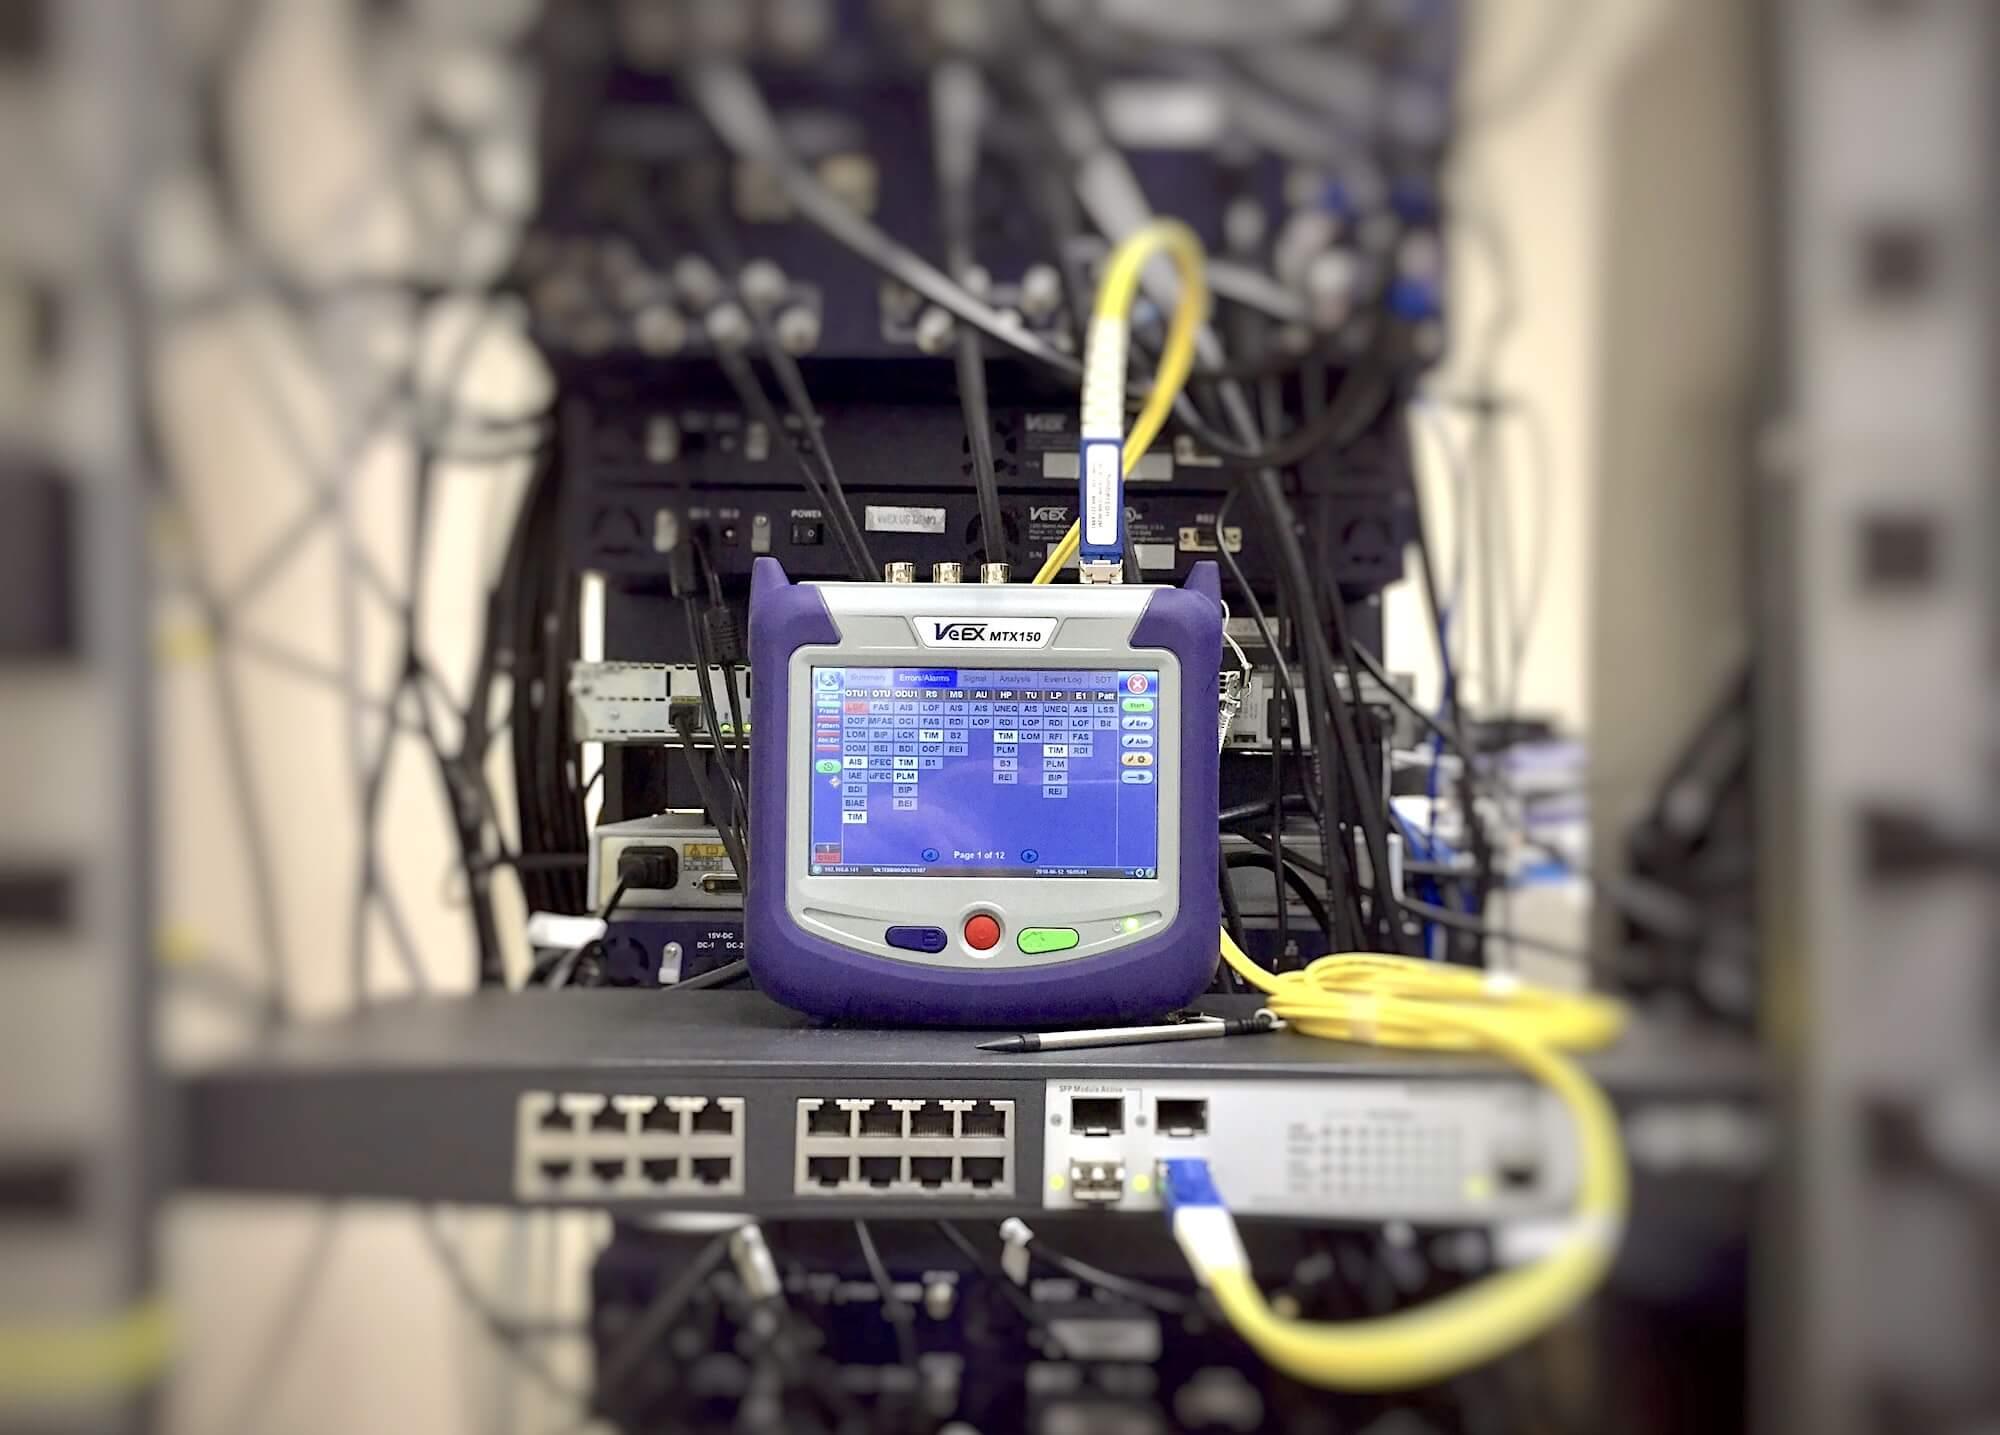 Работа телеком-операторов, DDoS-атаки, сетевые технологии и инфраструктура  подборка материалов